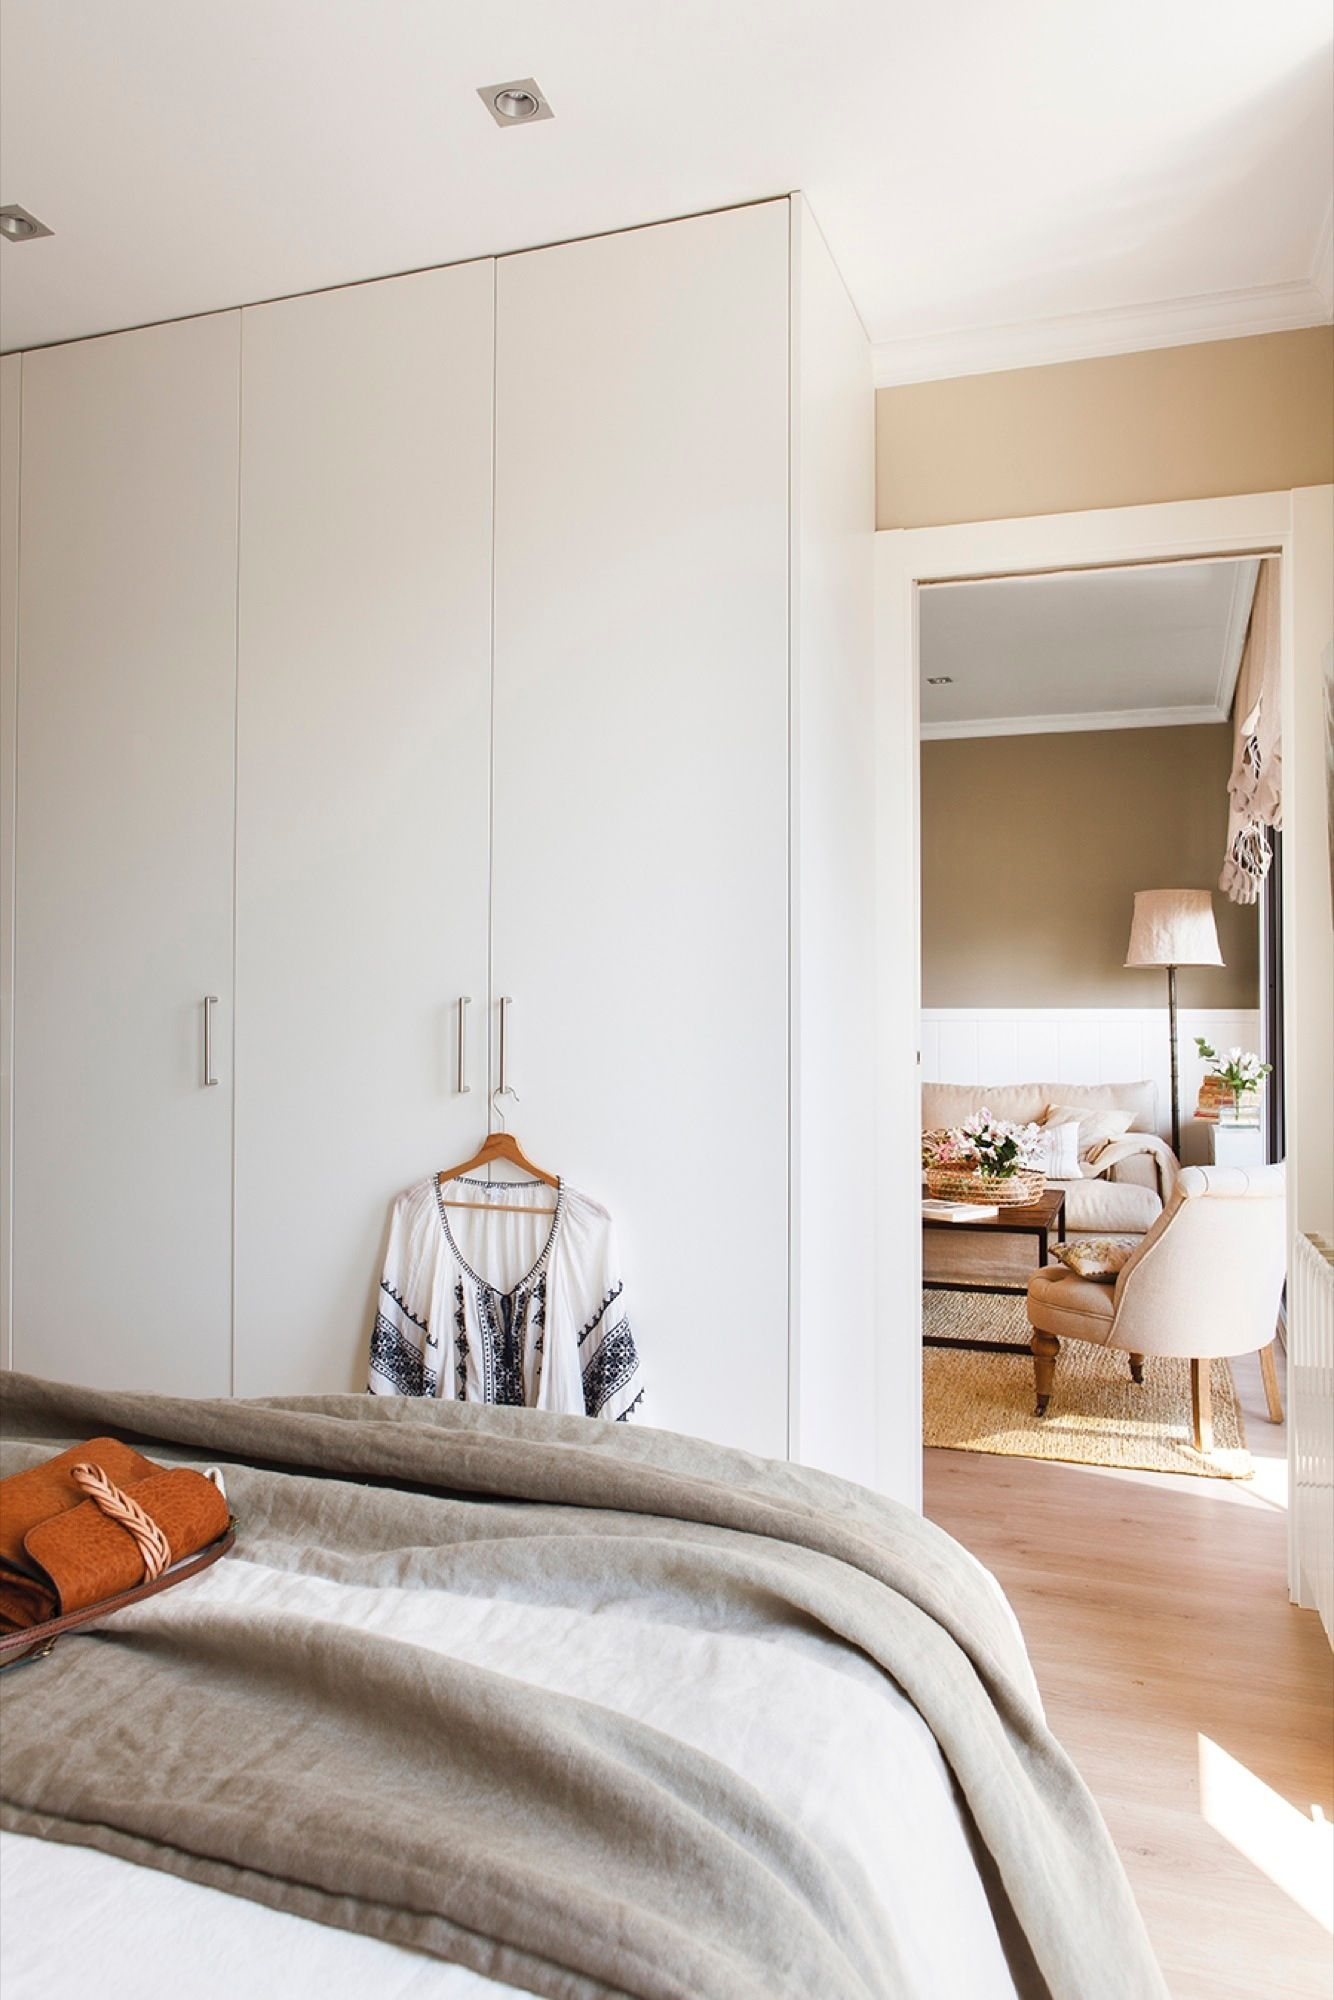 Dormitorio y salón unidos por un pequeño marco blanco | Pinterest ...